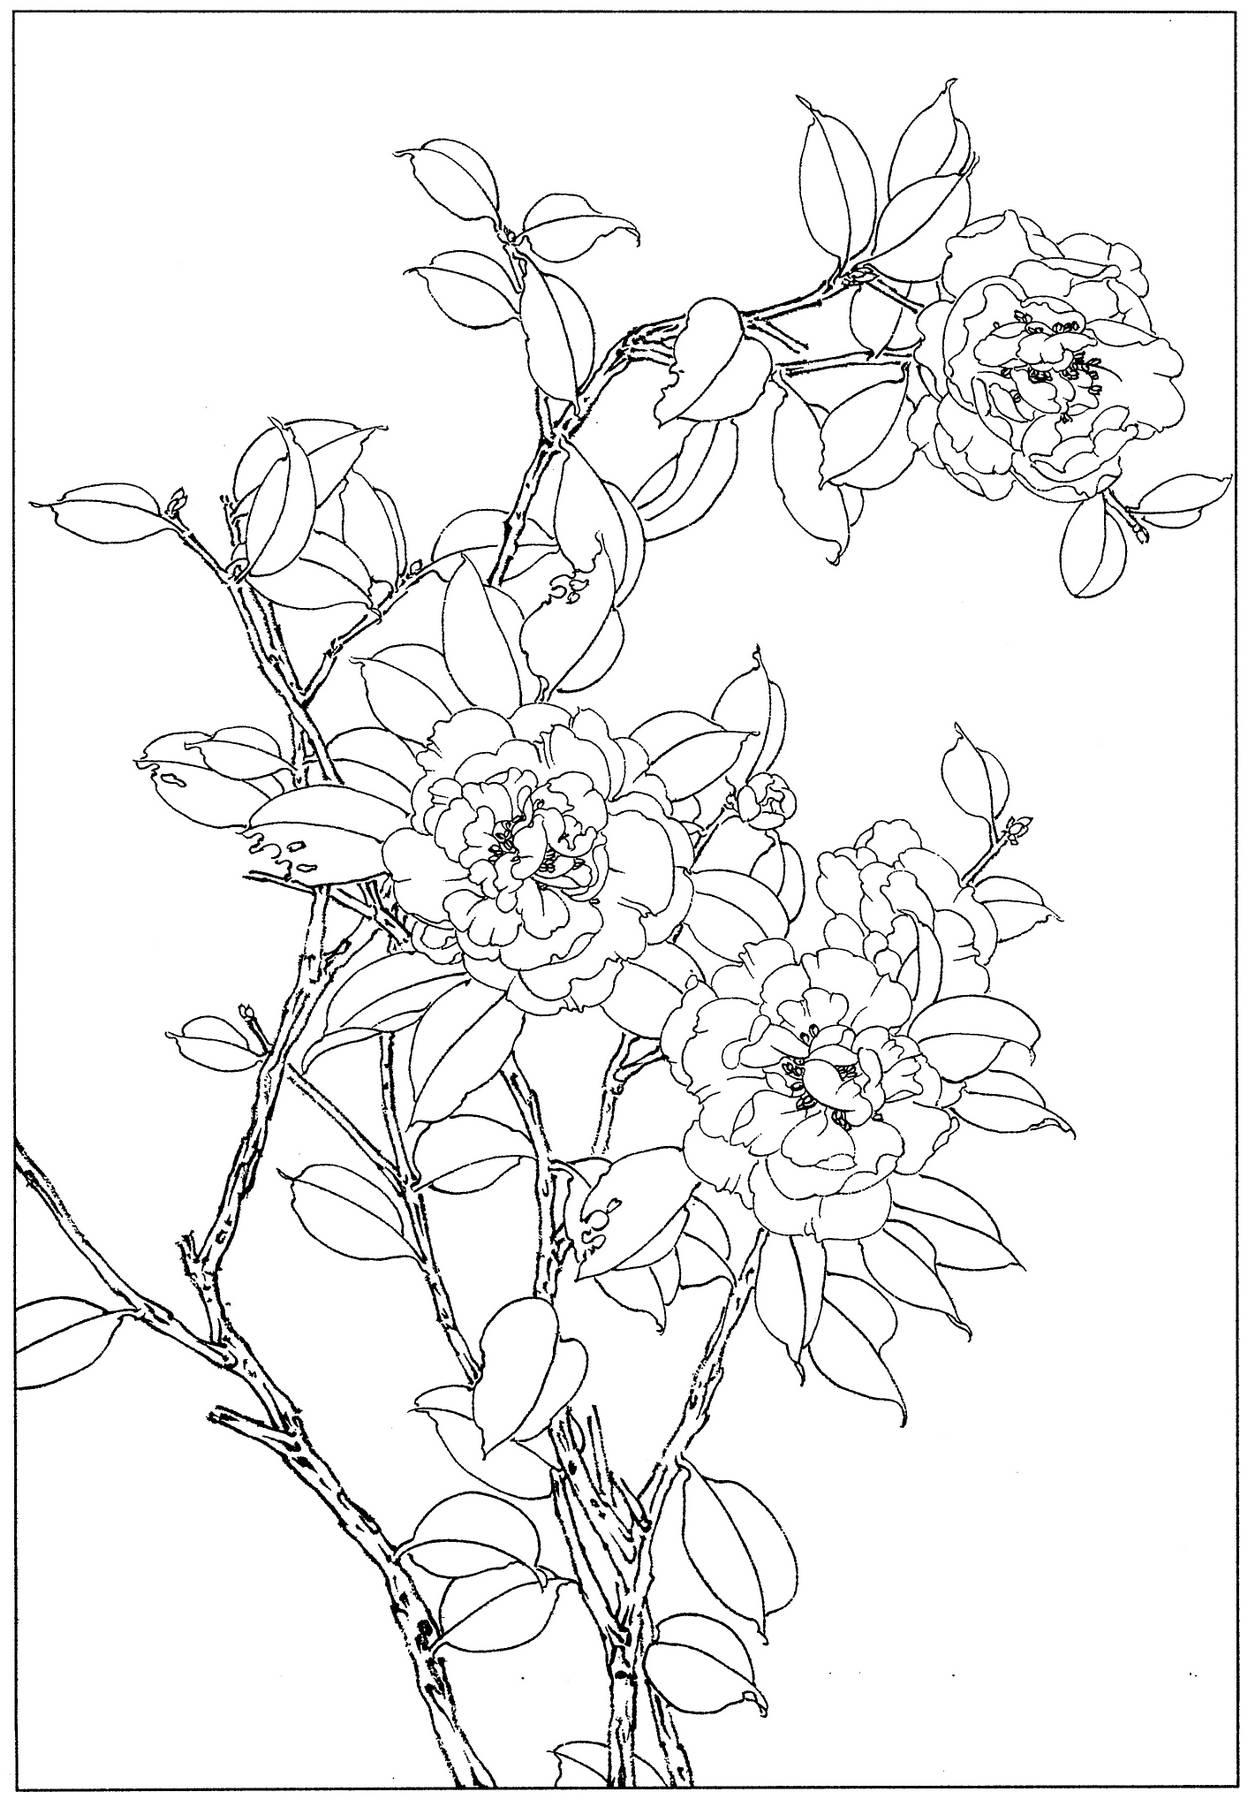 []0046_工笔画茶花白描线稿素材高清图_0x0px_jpg_600dpi_3真迹扫描